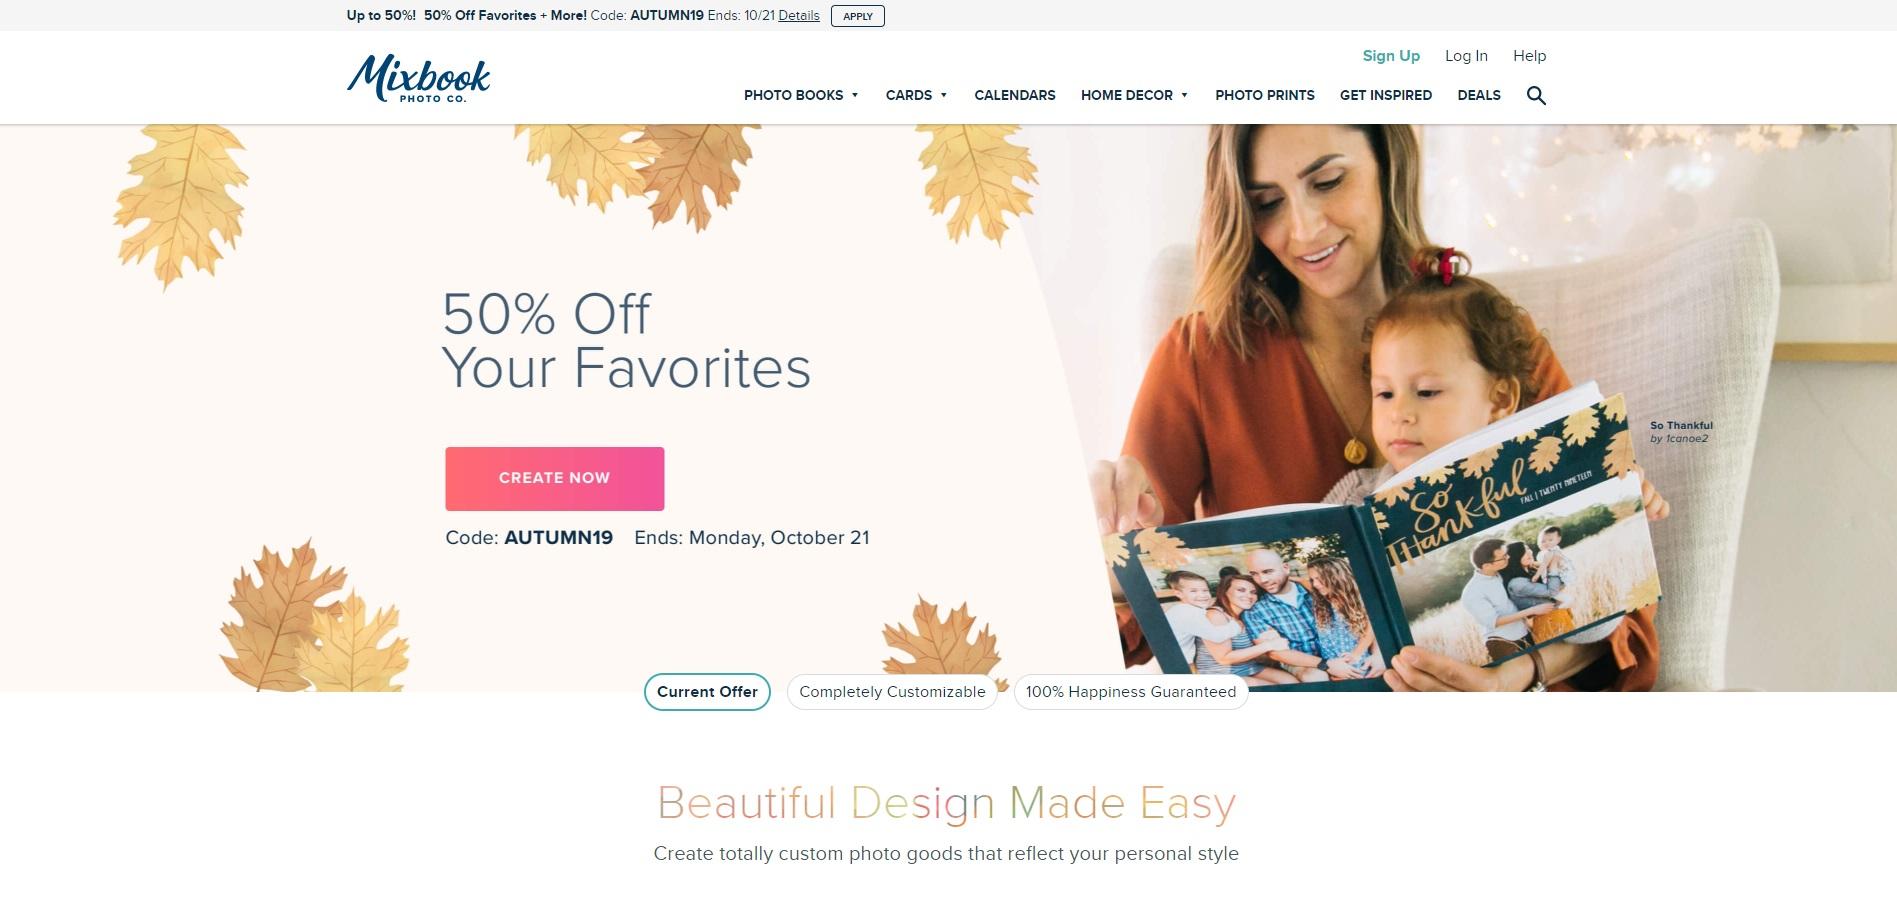 Mixbook is een familievriendelijke fotoboeksite